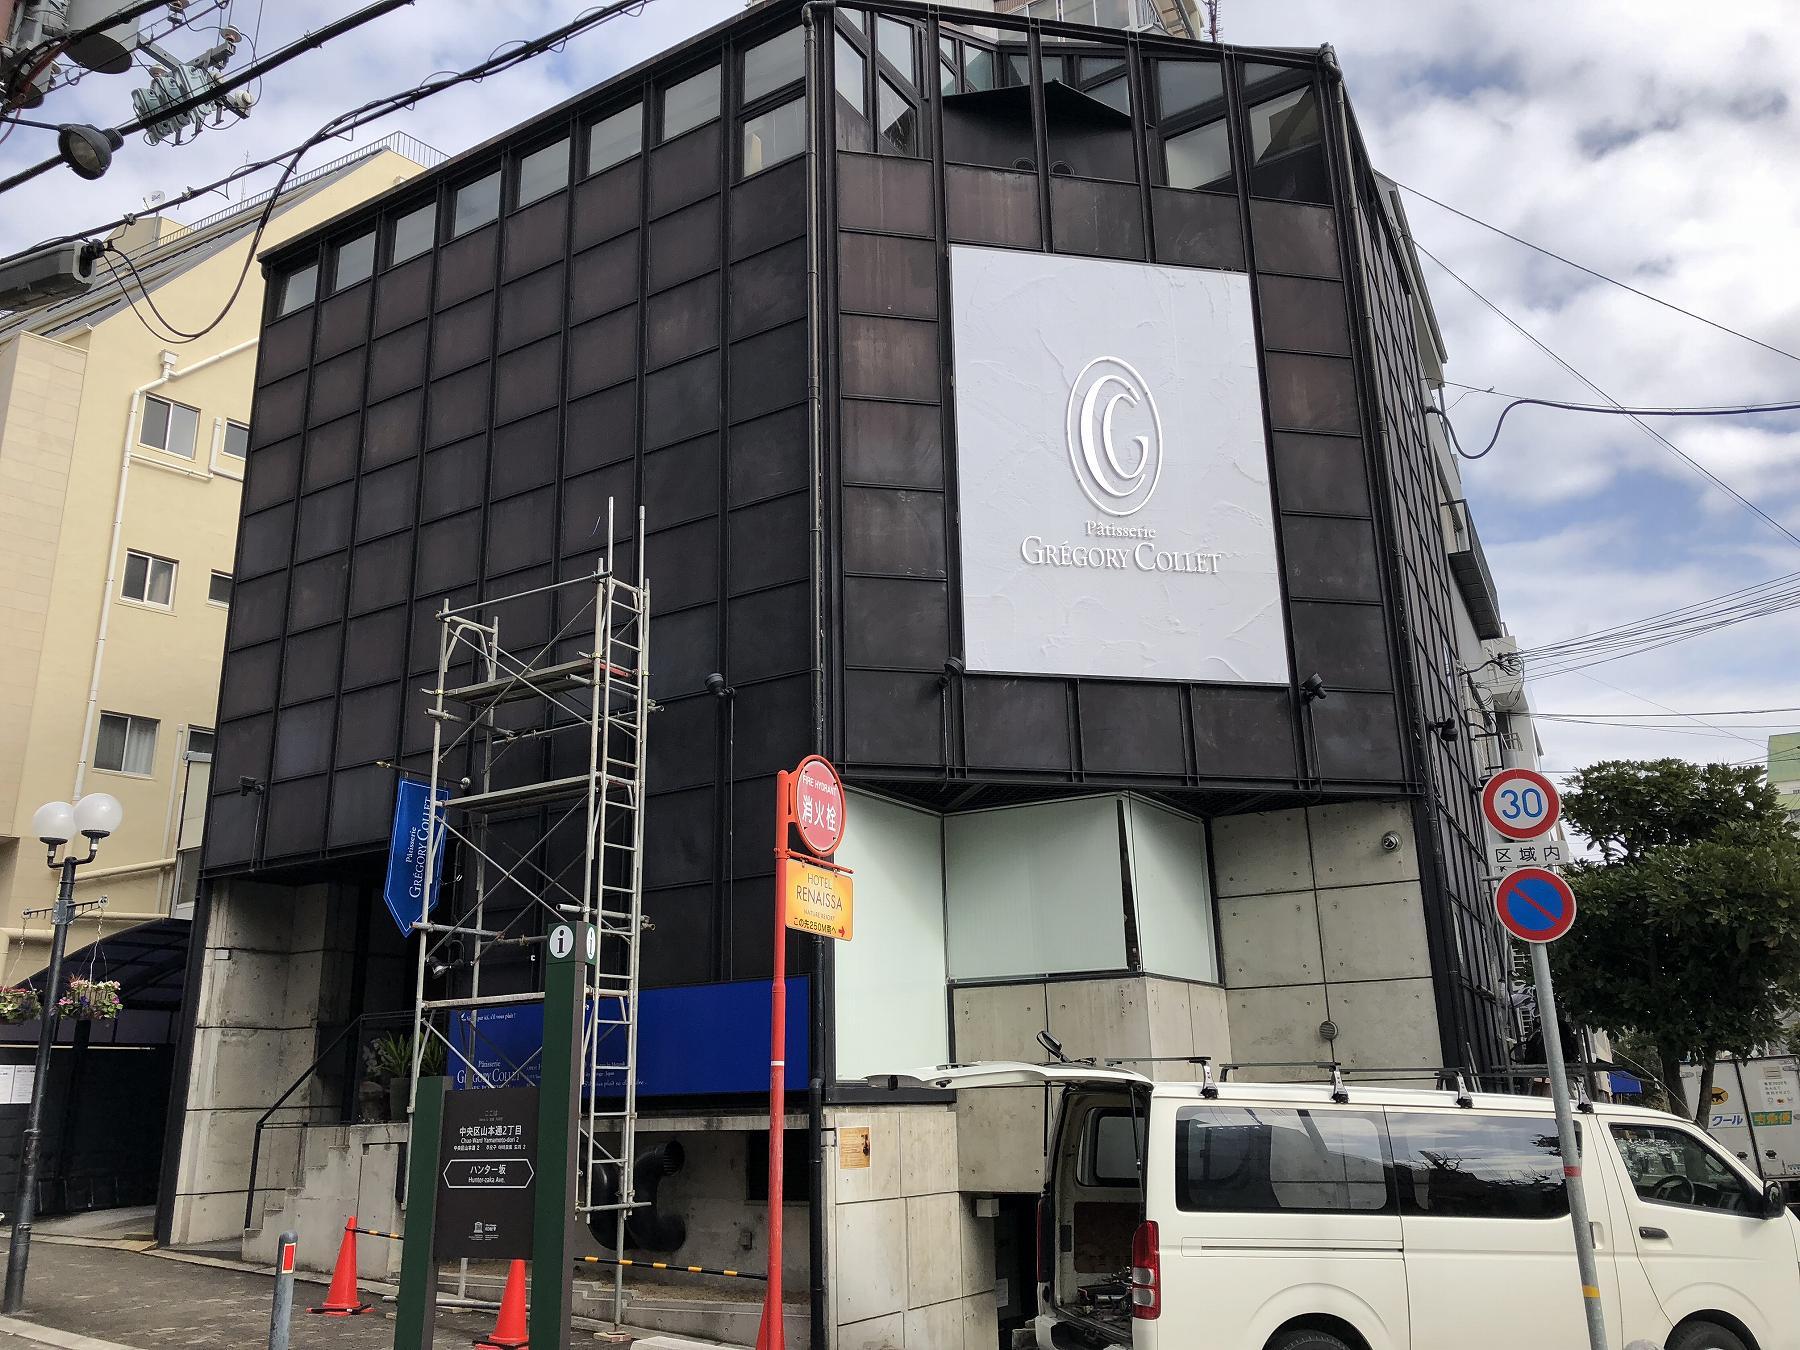 神戸のスイーツ店「 #パティスリーグレゴリー・コレ 」北野のハンター坂に移転オープン! #神戸観光 #新規オープン #神戸スイーツ